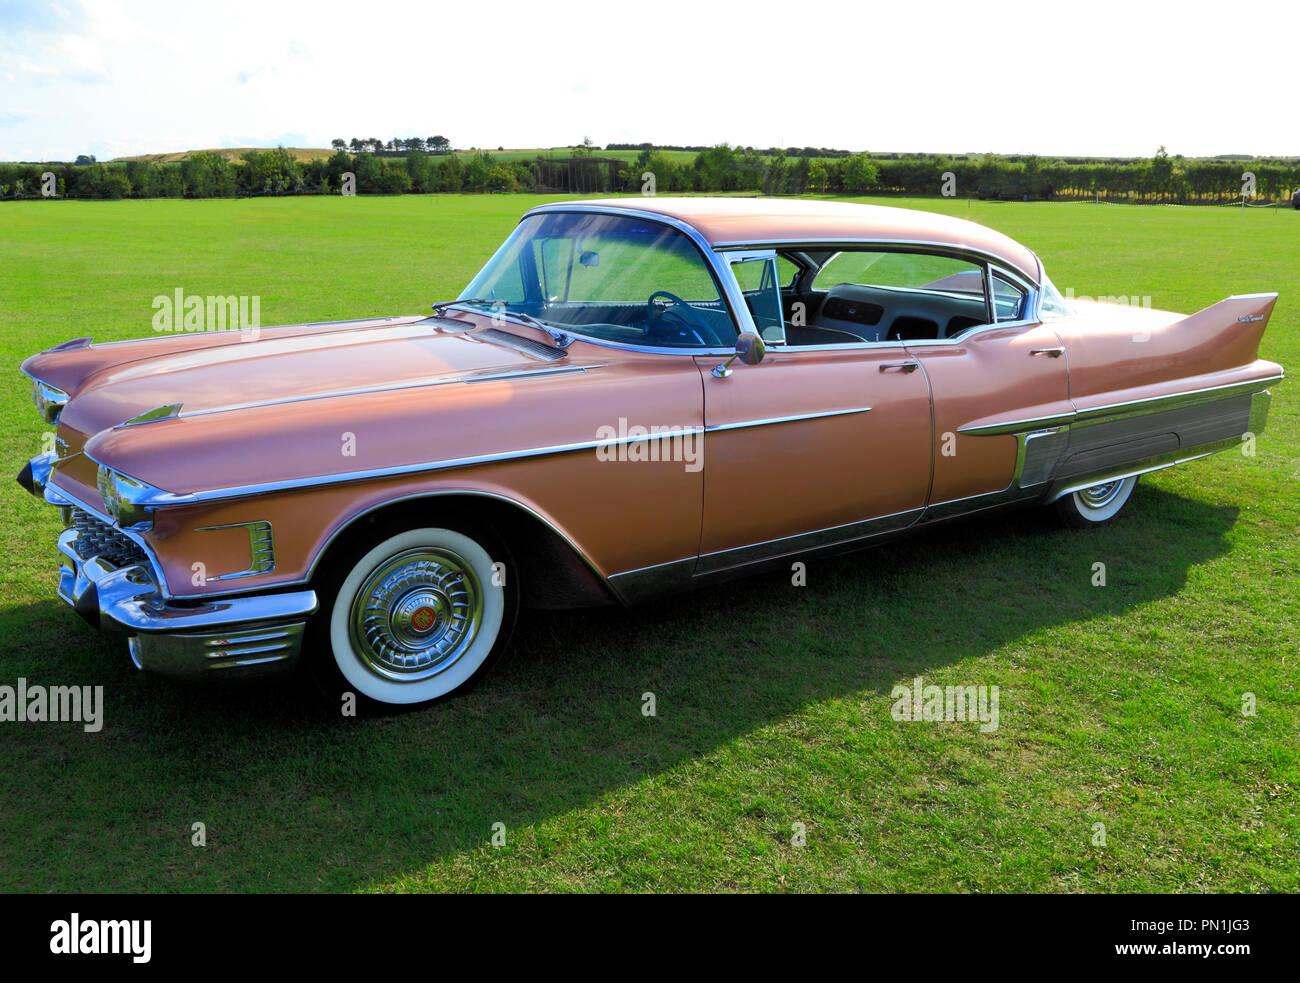 Pink Cadillac, Fleetwood, voiture américaine classique, de l'automobile Photo Stock